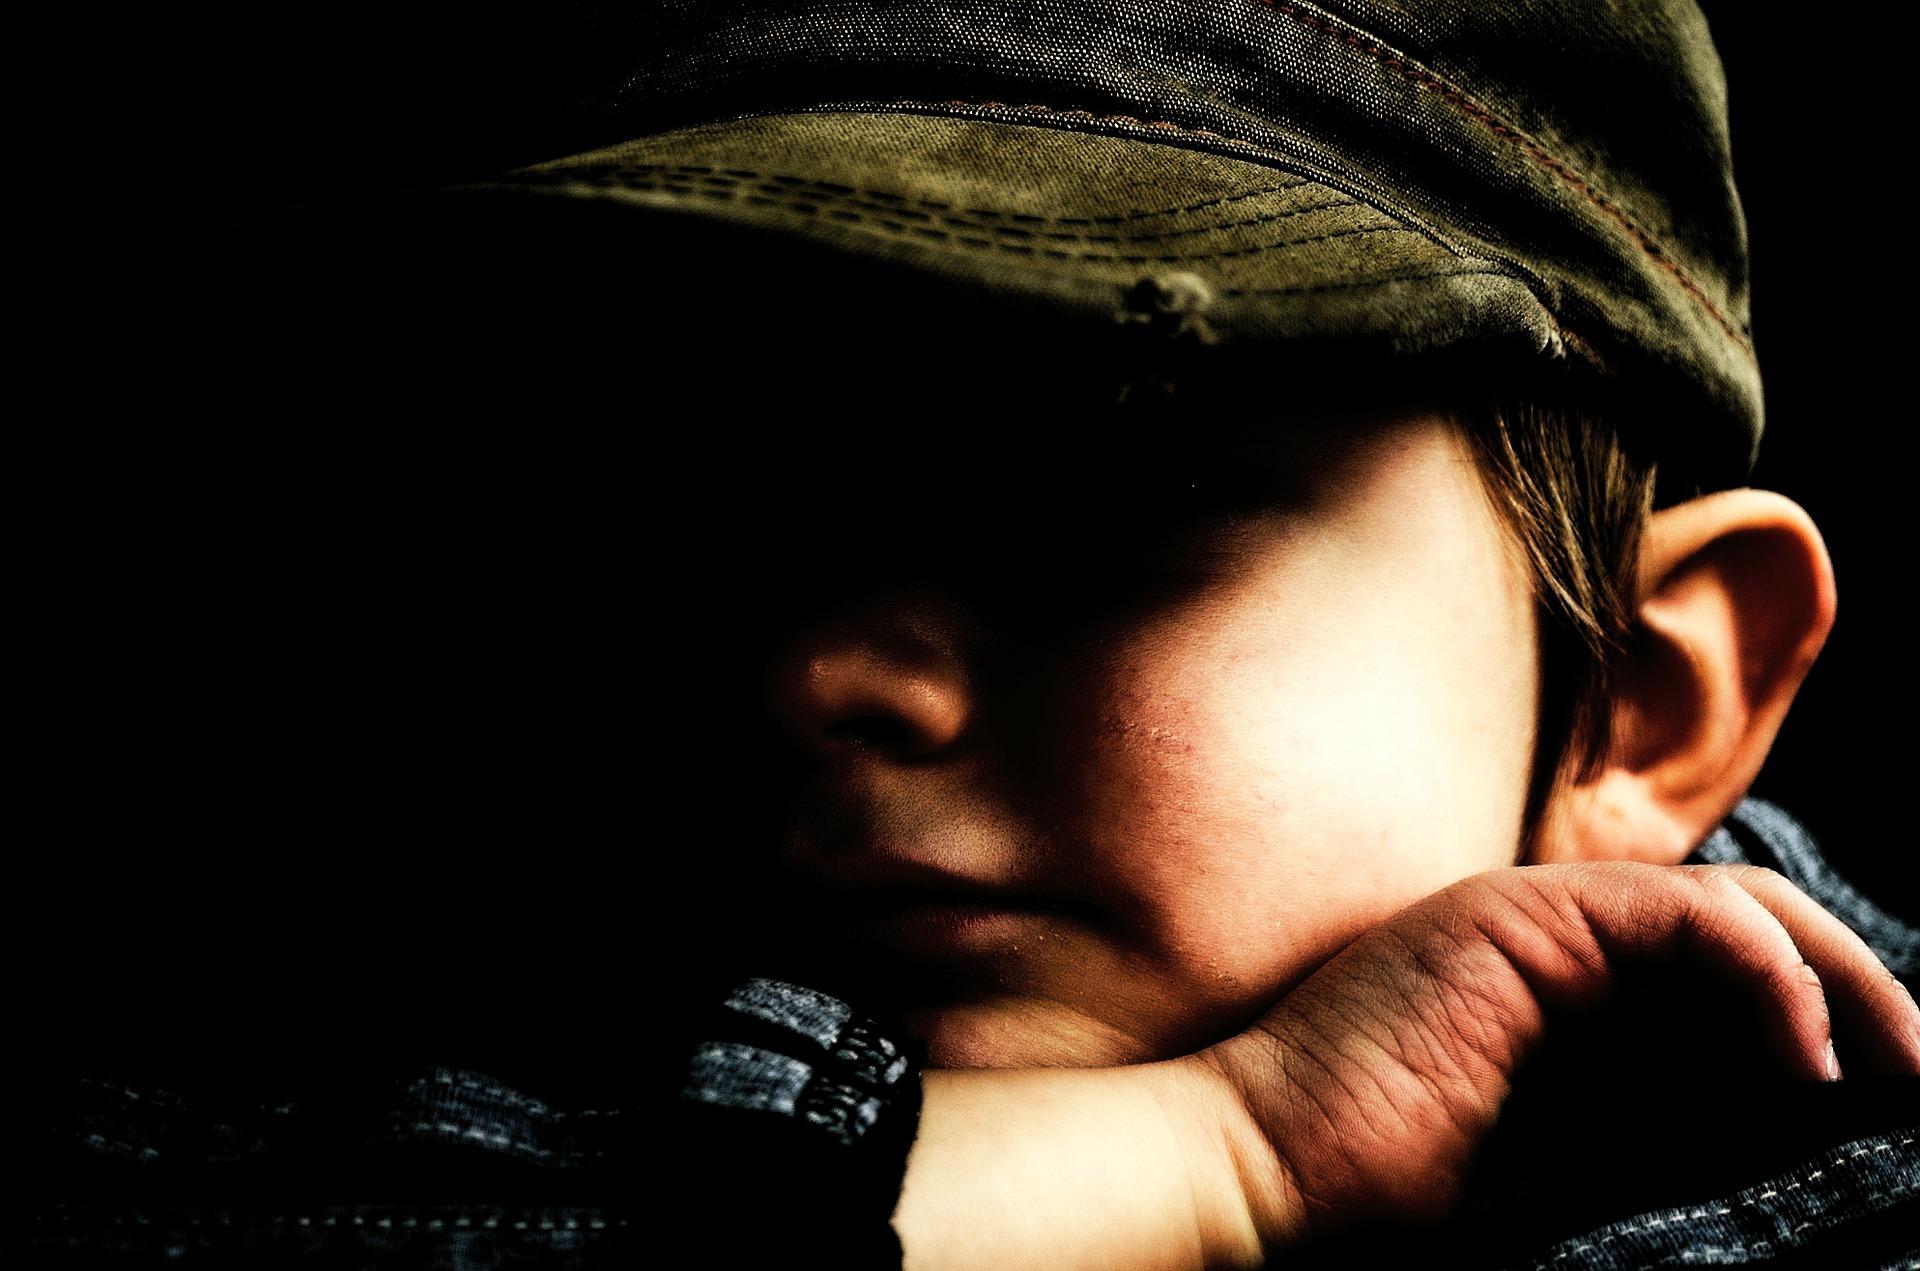 Każde dziecko, które pojawia się w rodzinie zastępczej, niesie ze sobą bagaż dramatycznych doświadczeń (fot. pixabay.com)